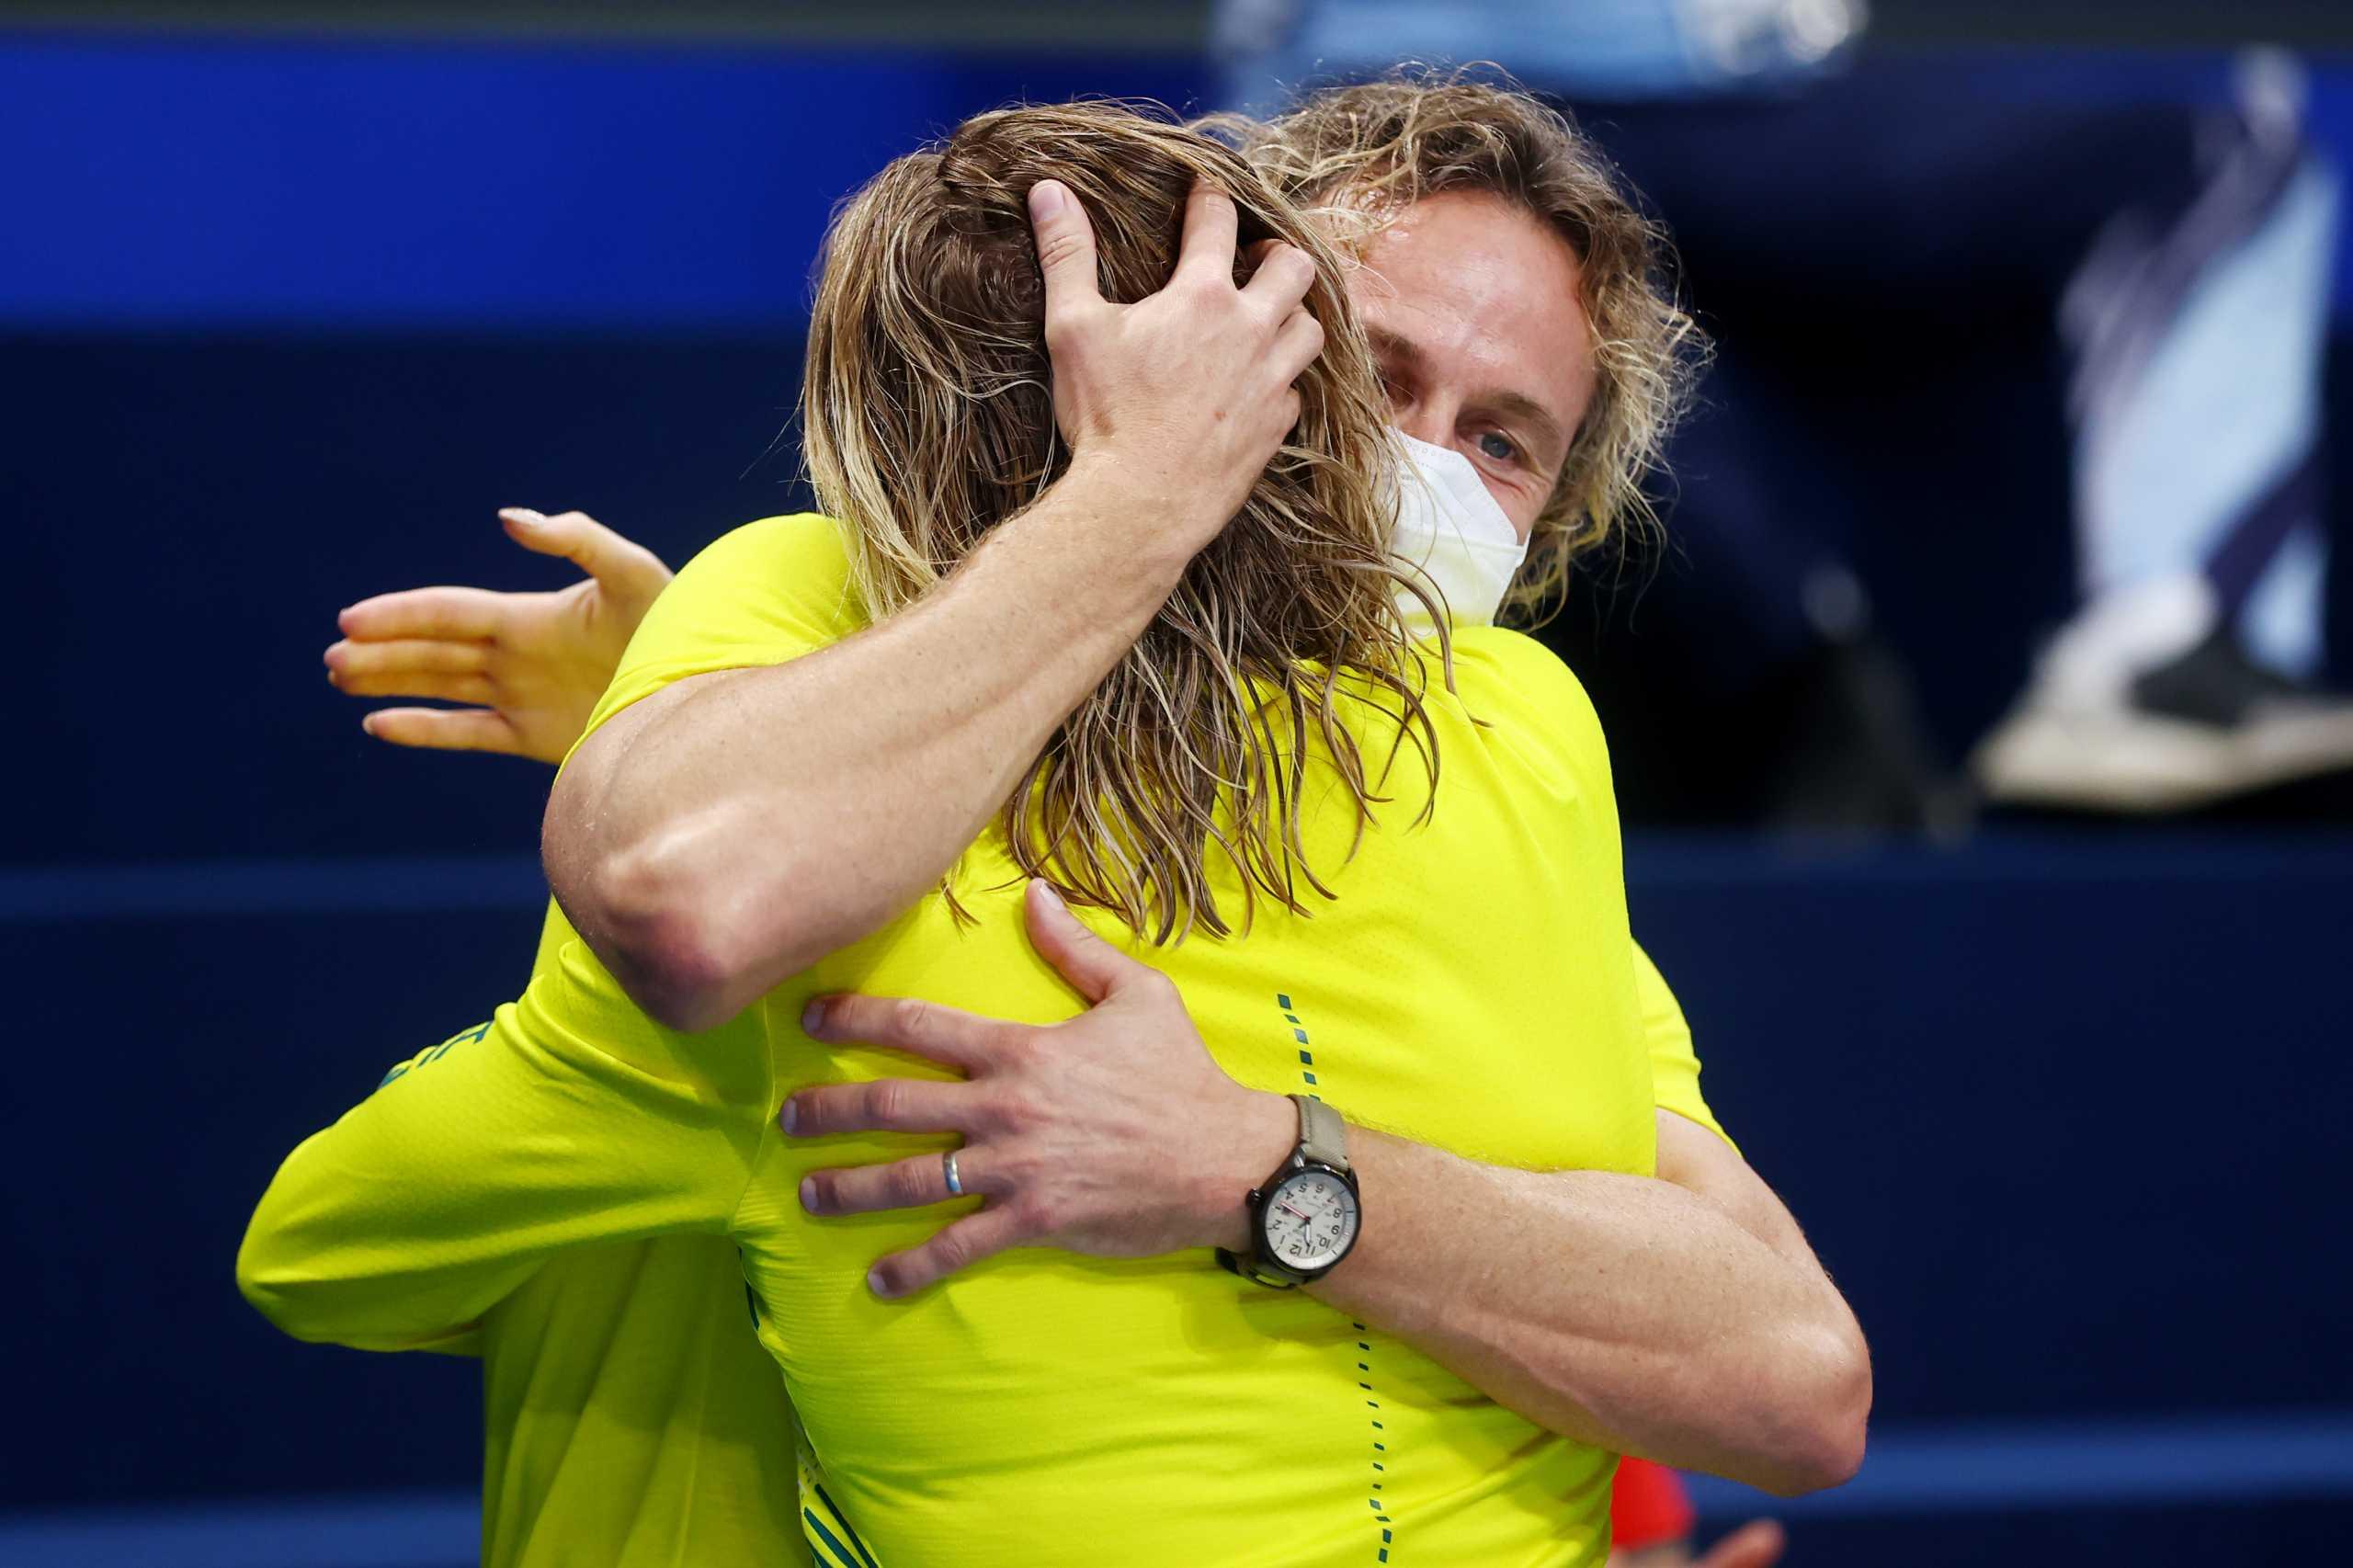 Ολυμπιακοί Αγώνες: Η Τίτμους θριάμβευσε κι ο προπονητής της «τρελάθηκε» και πάλι